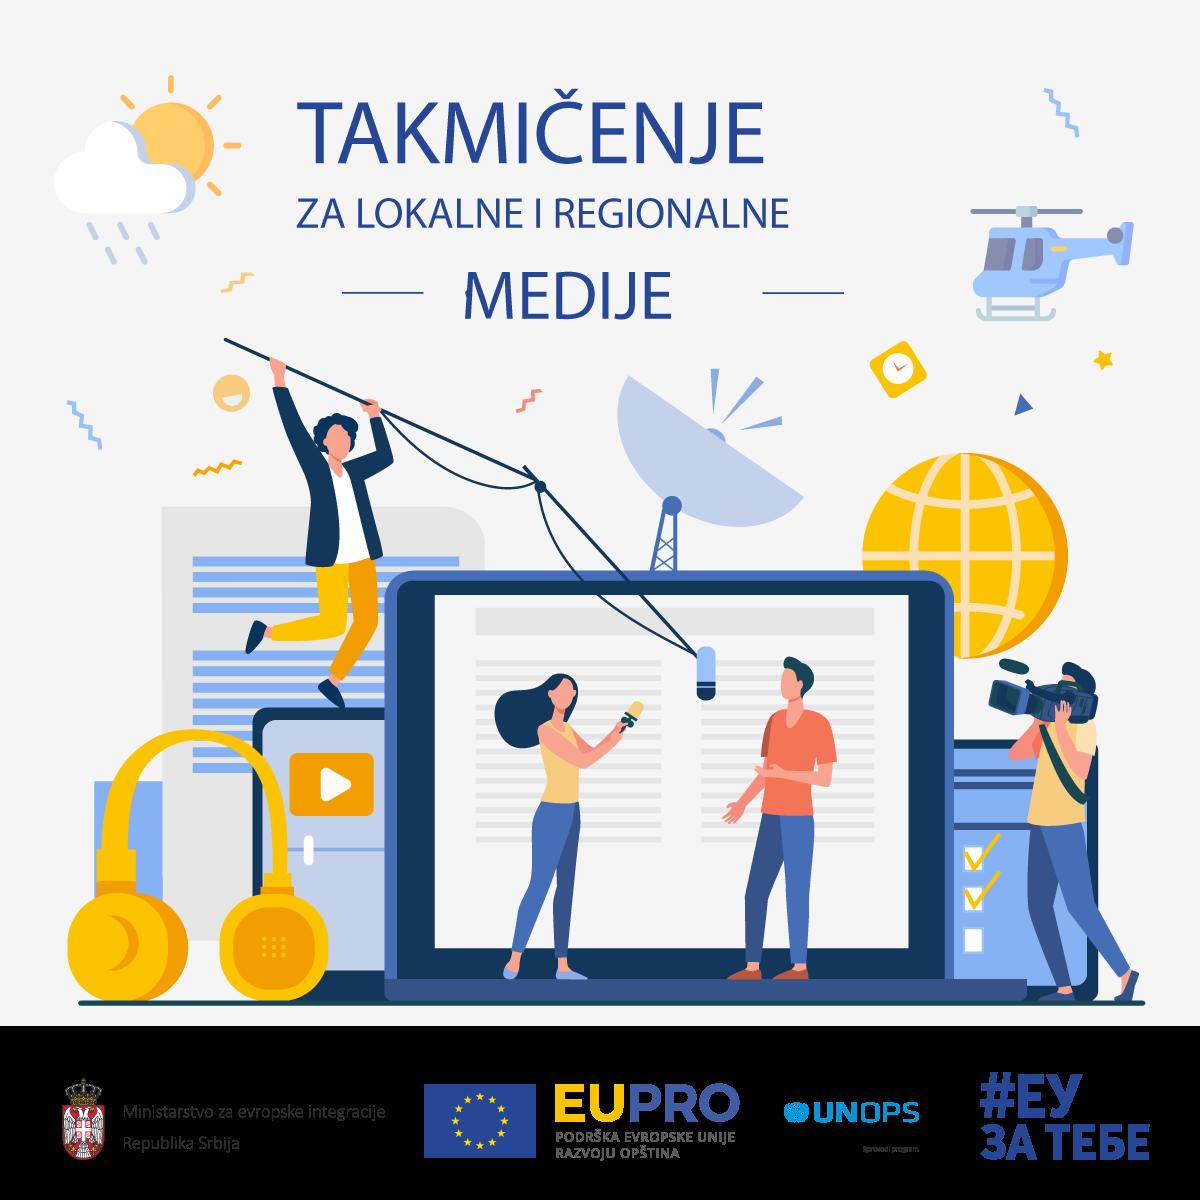 Почиње ЕУ ПРО медијско такмичење за најбоље прилоге о подршци ЕУ на локалном и регионалном нивоу